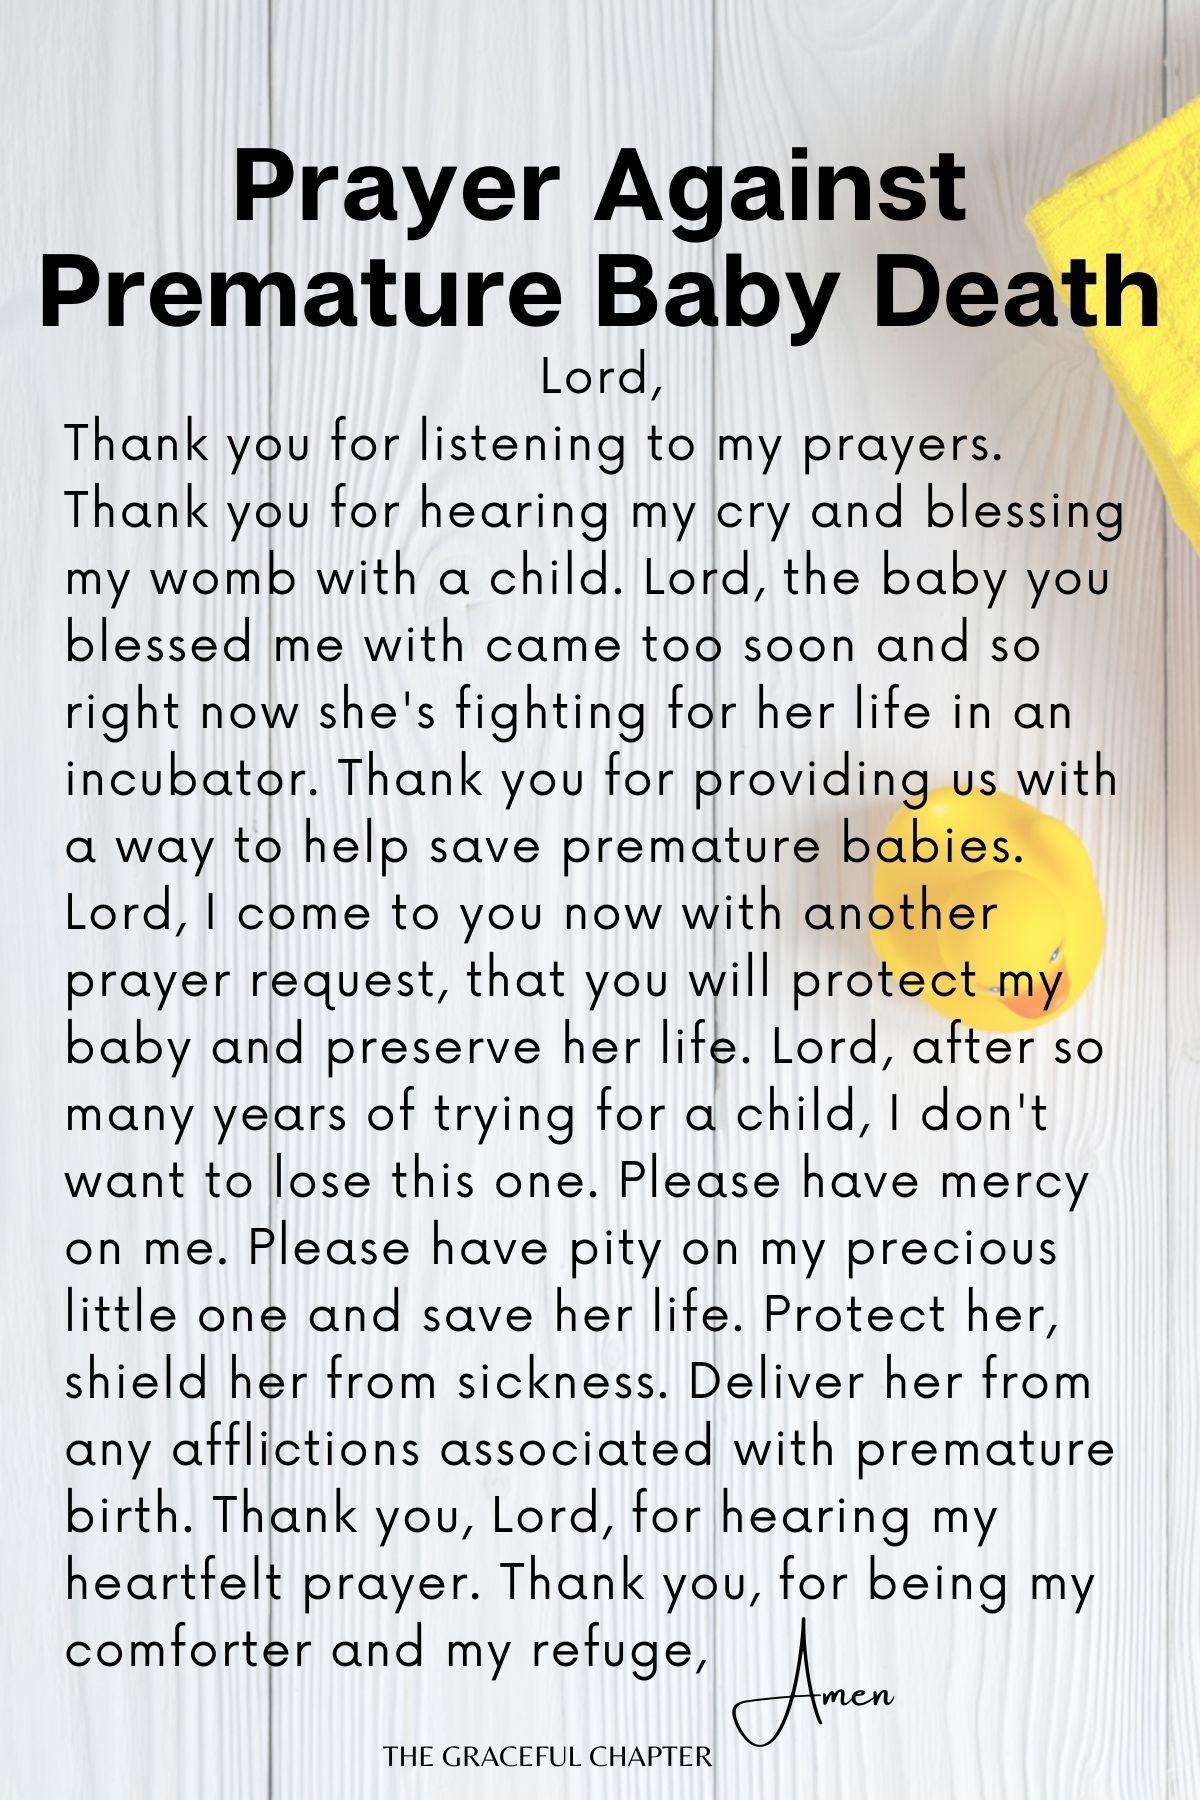 Prayer against premature baby death